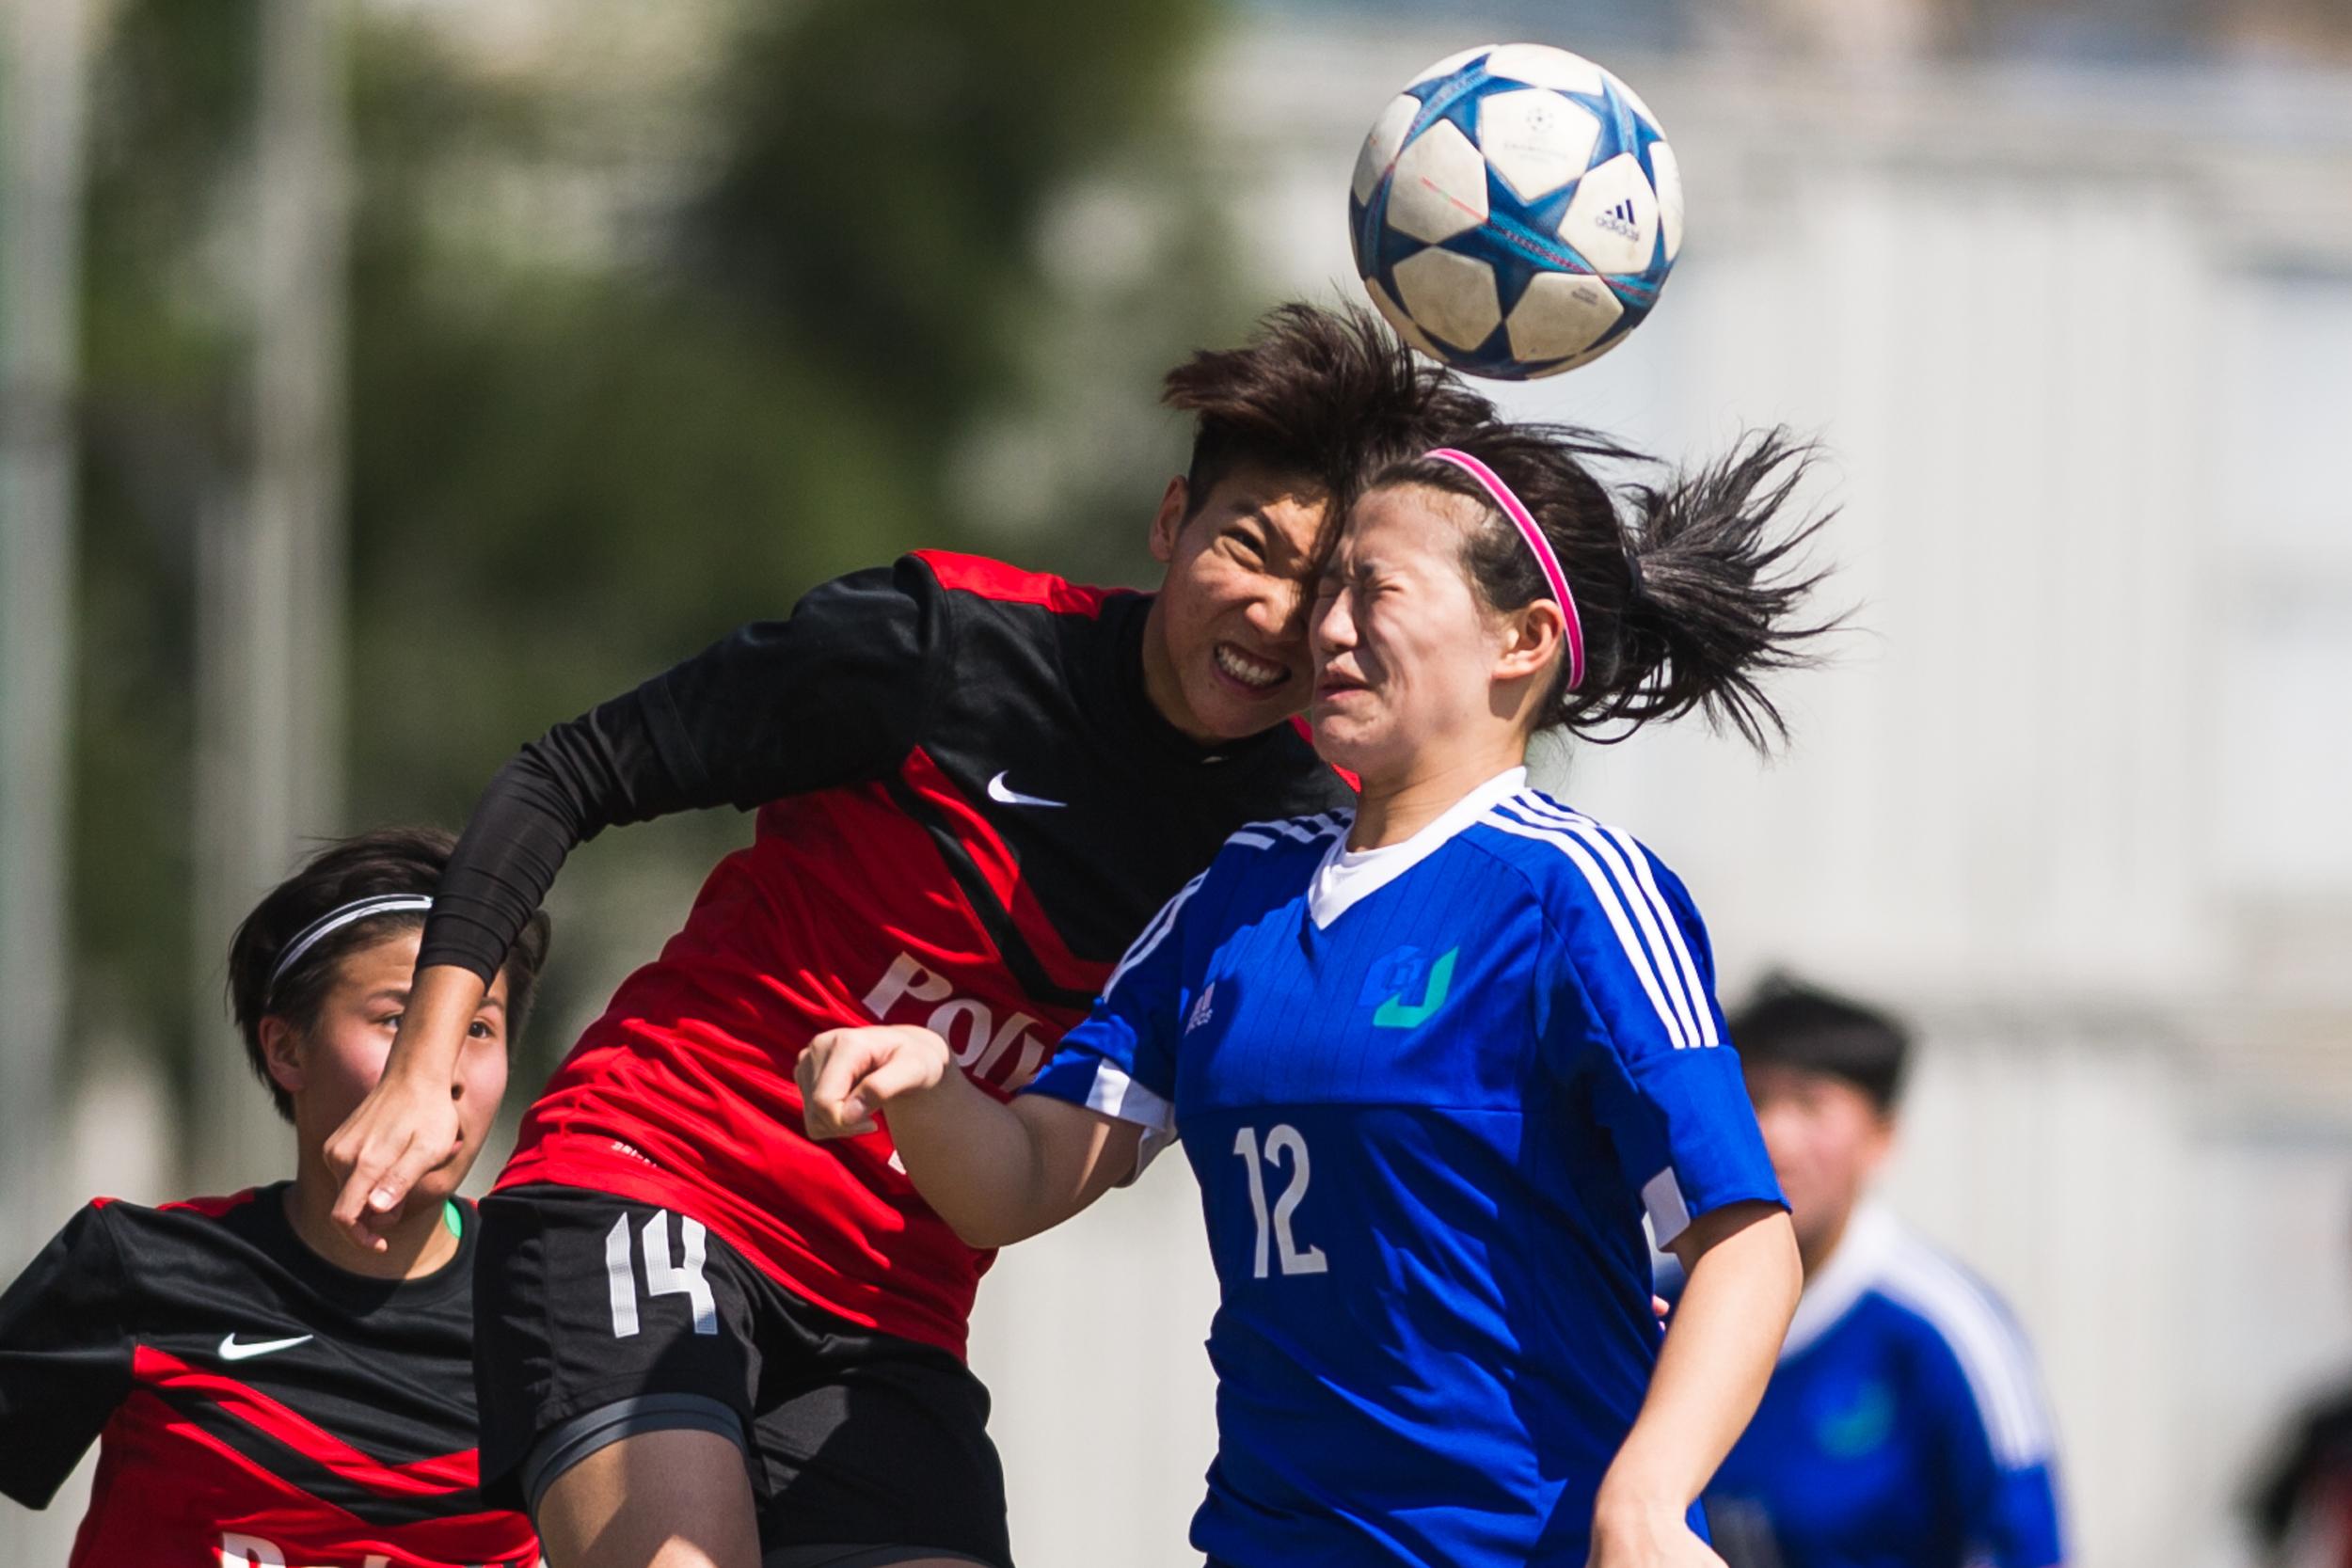 20160228-soccer-7.jpg